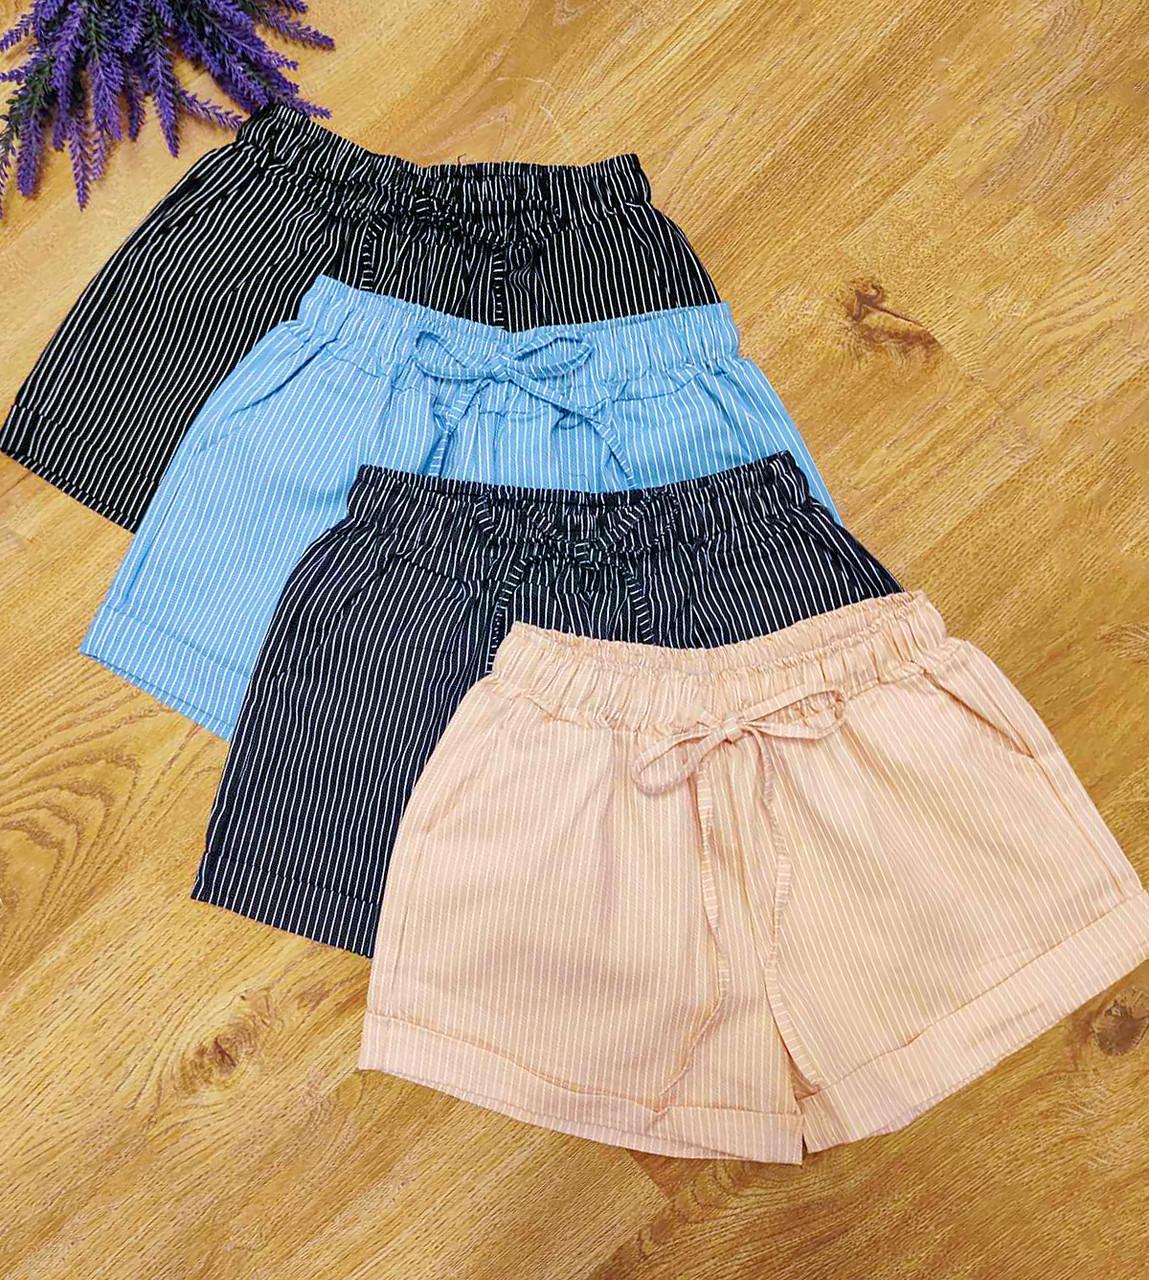 Котоновые короткие шорты в мелкую полосочку (46-48 в расцветках)